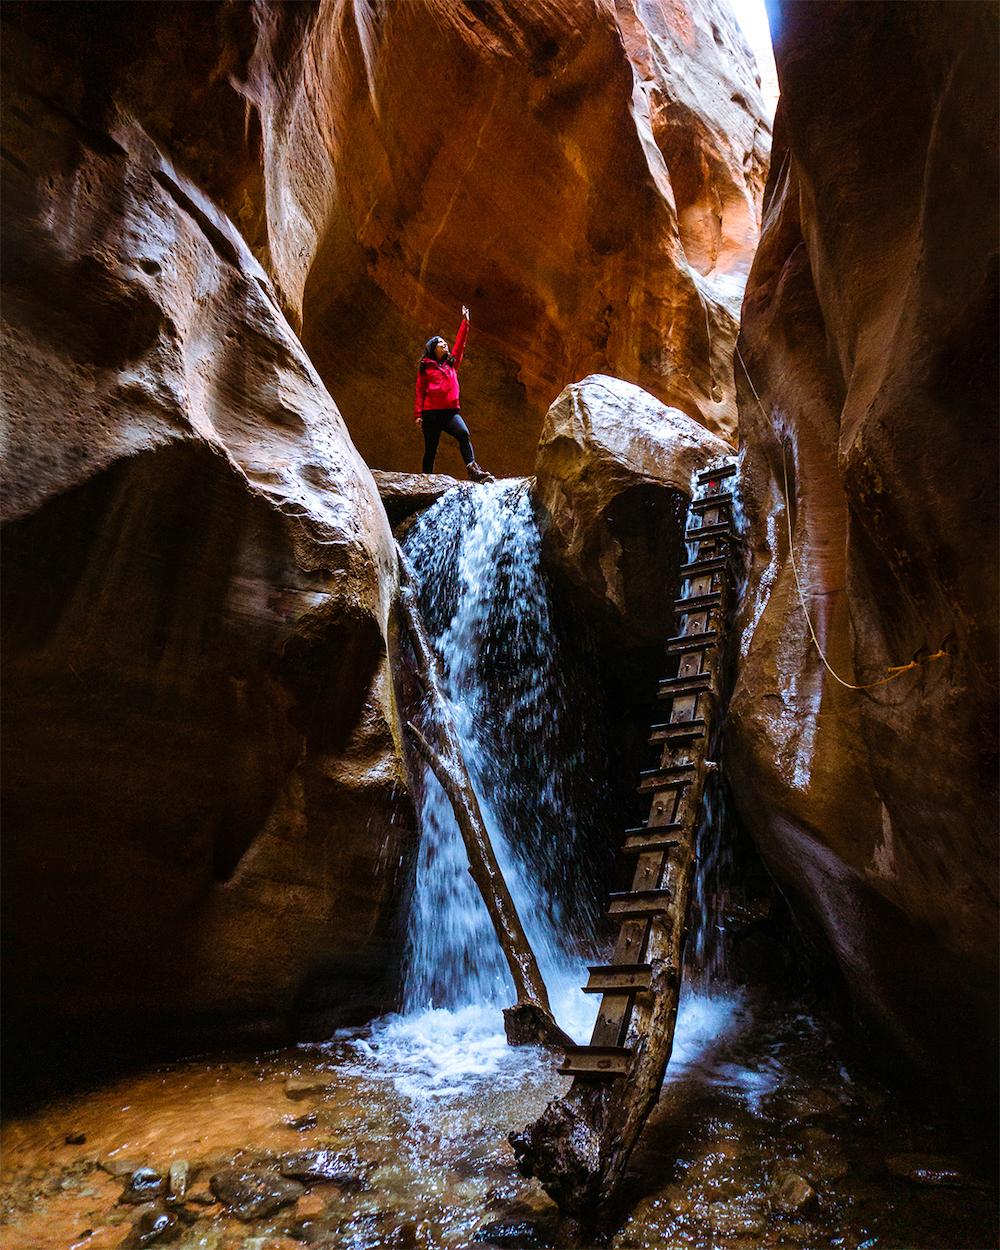 kanarra falls canyon hike kanarraville utah